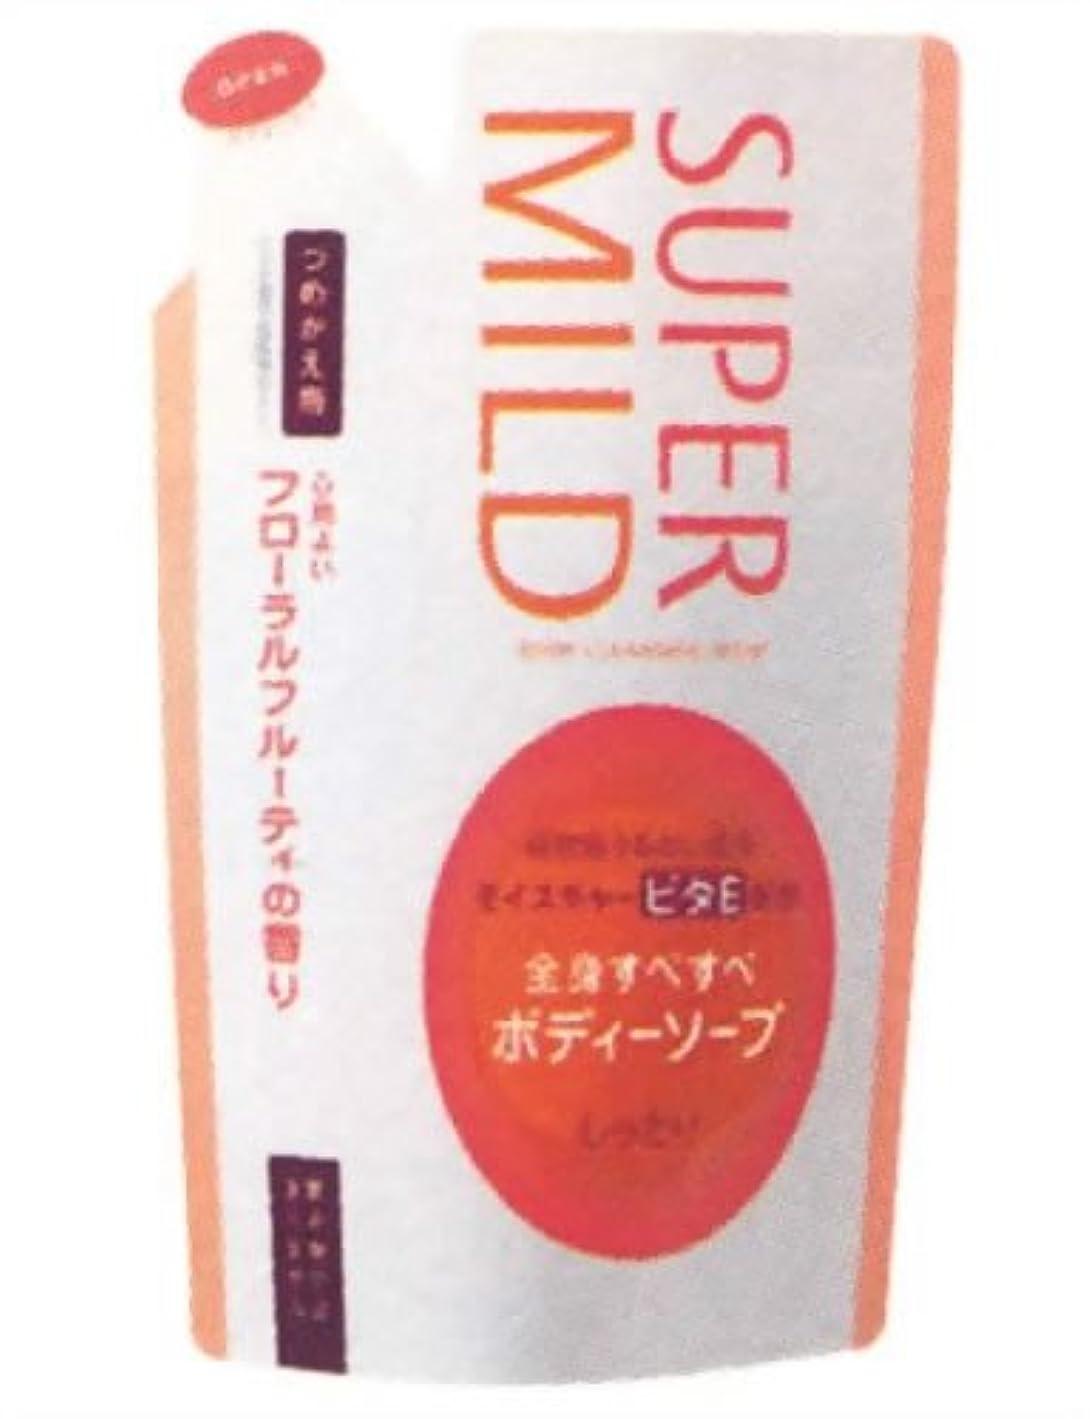 労苦説明避けるスーパーマイルドボディソープ(しっとり)つめかえ フローラルフルーティの香り 500ml